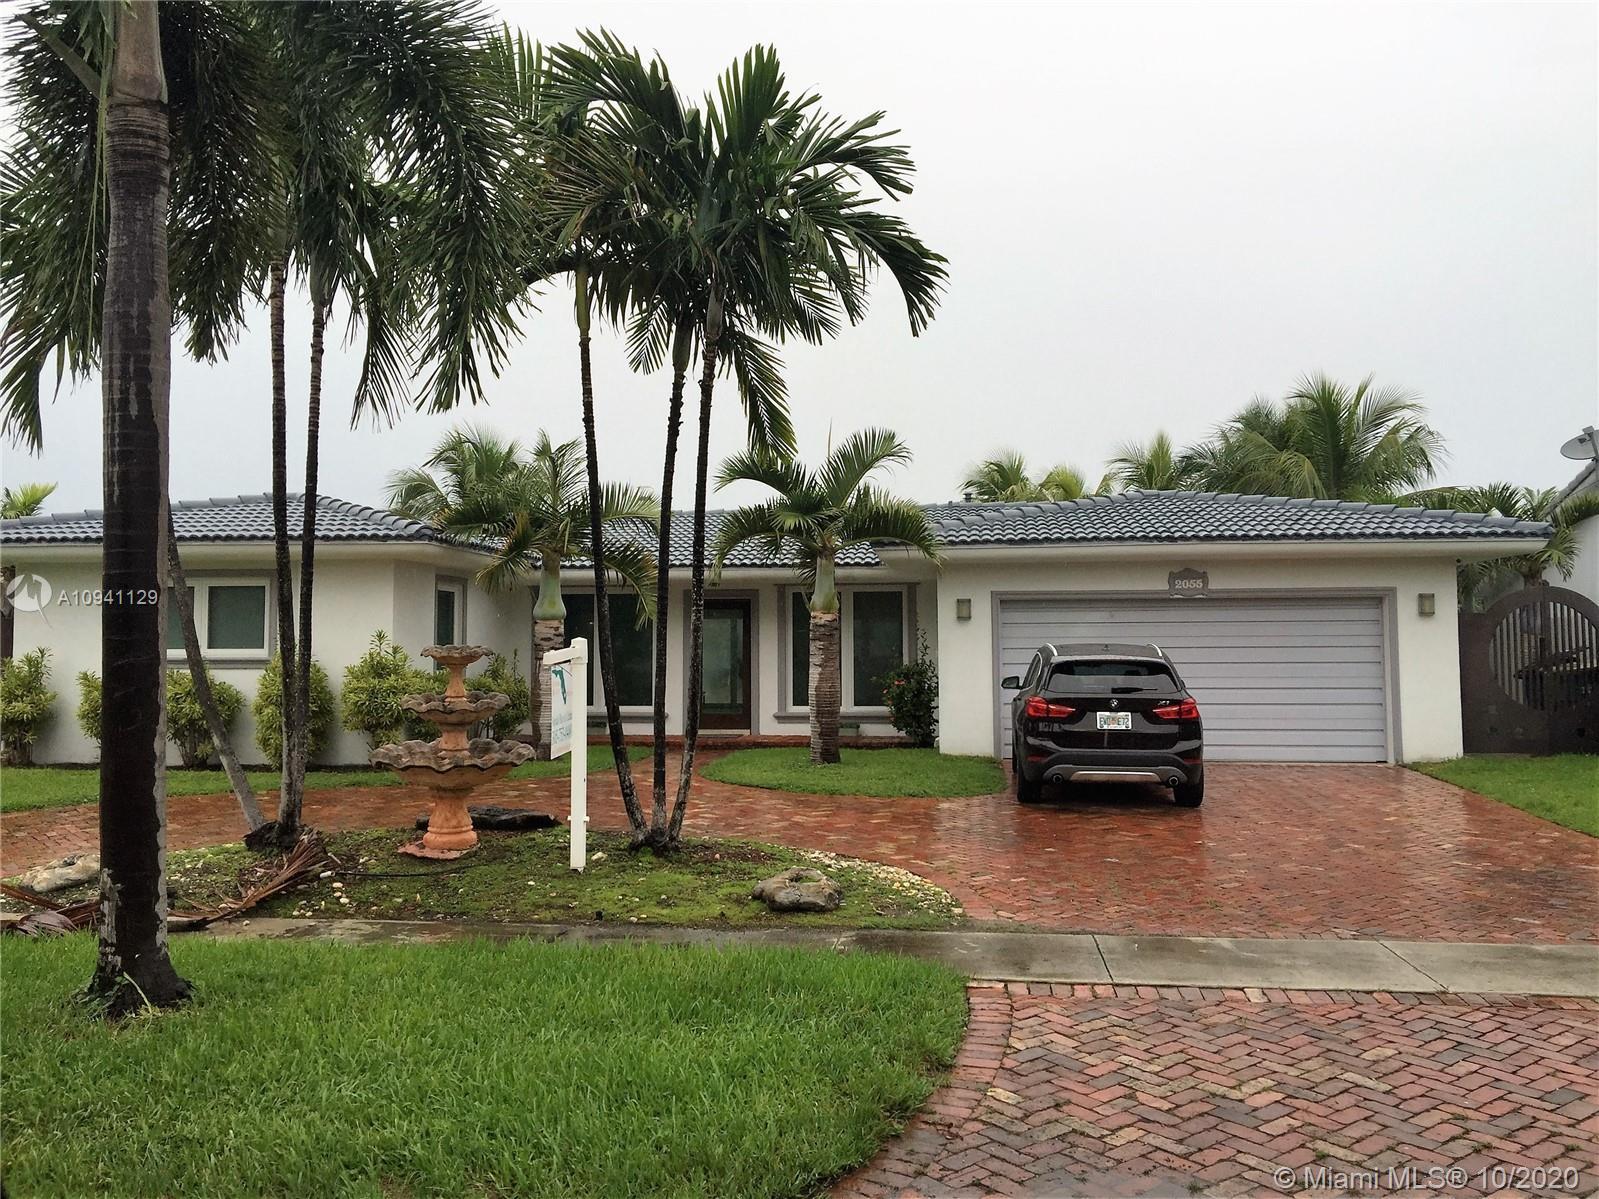 Keystone Point - 2055 Arch Creek Dr, North Miami, FL 33181